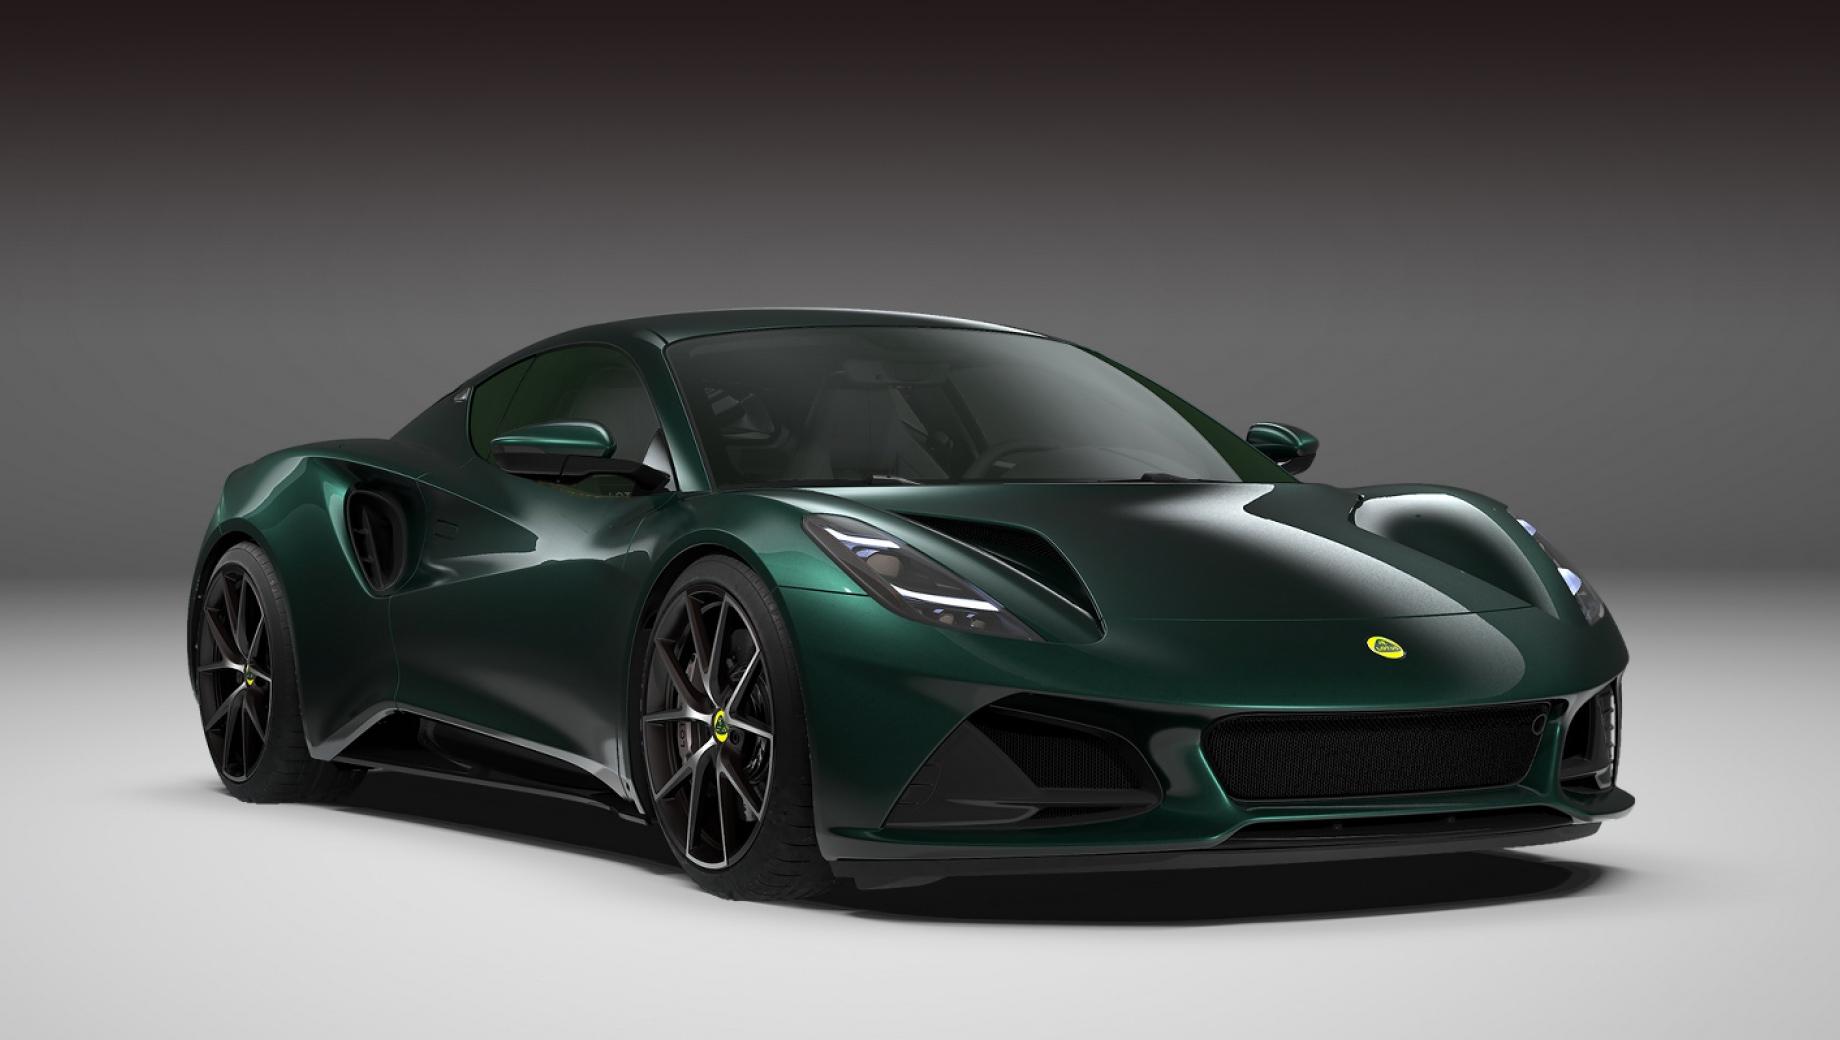 Lotus emira. Компания объявила прайс-лист для Европы и домашнего британского рынка, пообещав выставить ценники на других больших рынках (Китай, США) через несколько недель.